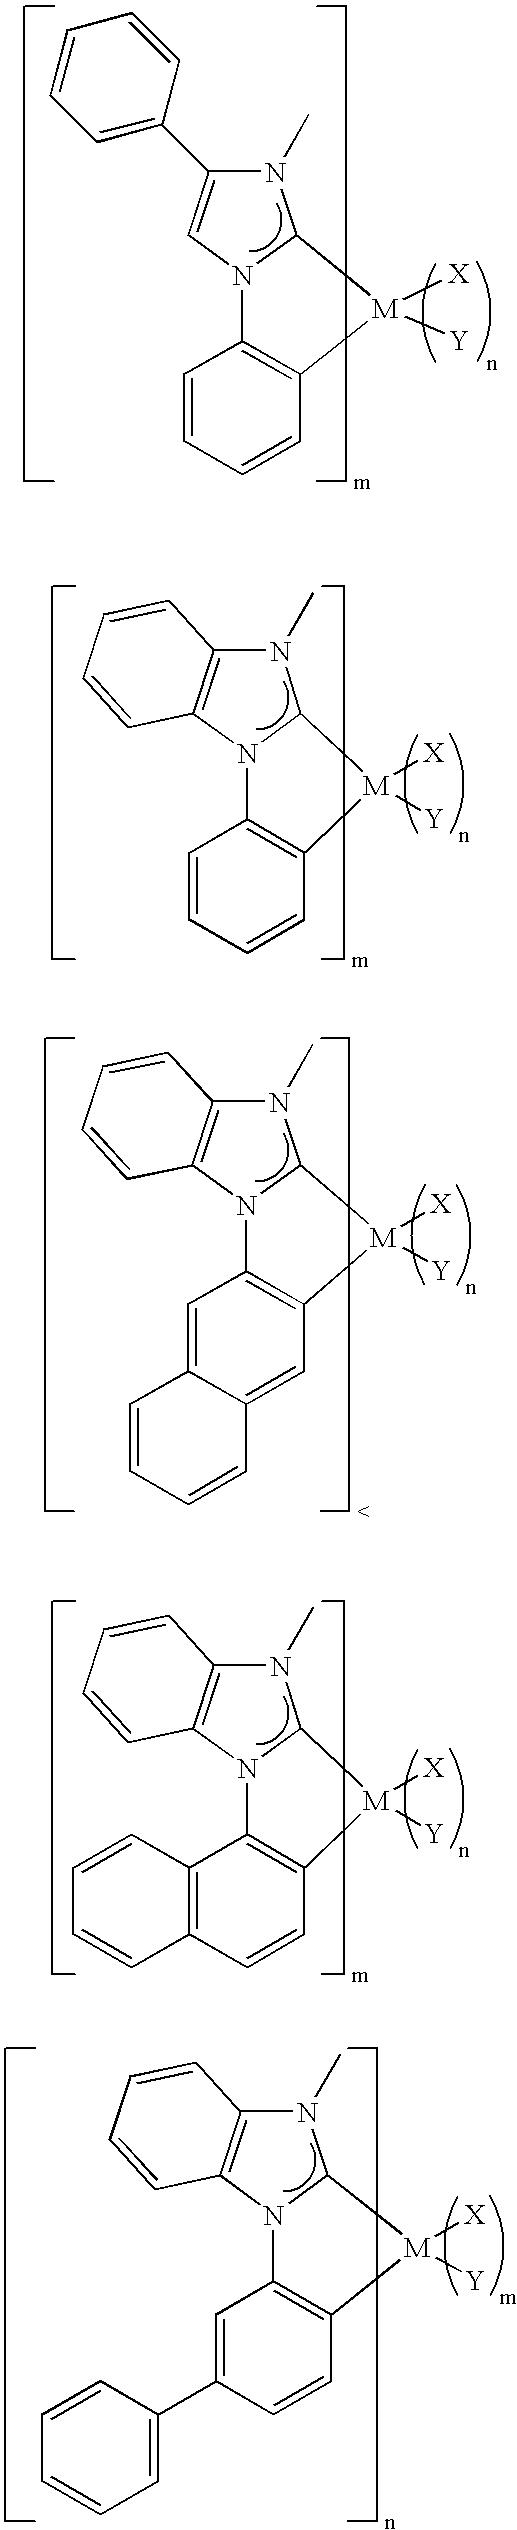 Figure US08007926-20110830-C00031